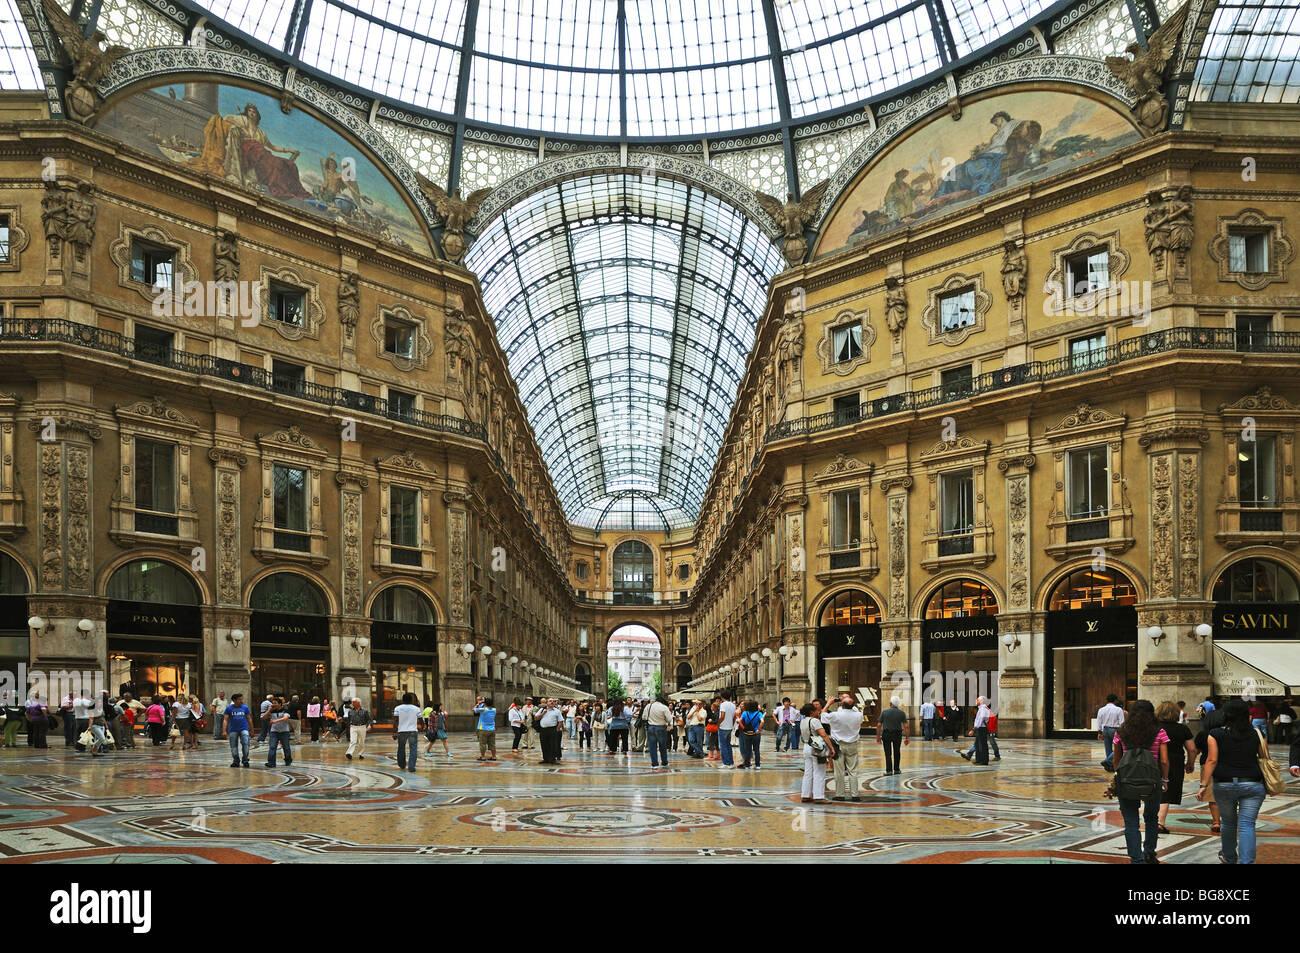 vittorio emanuele gallery la galleria milan milano italy